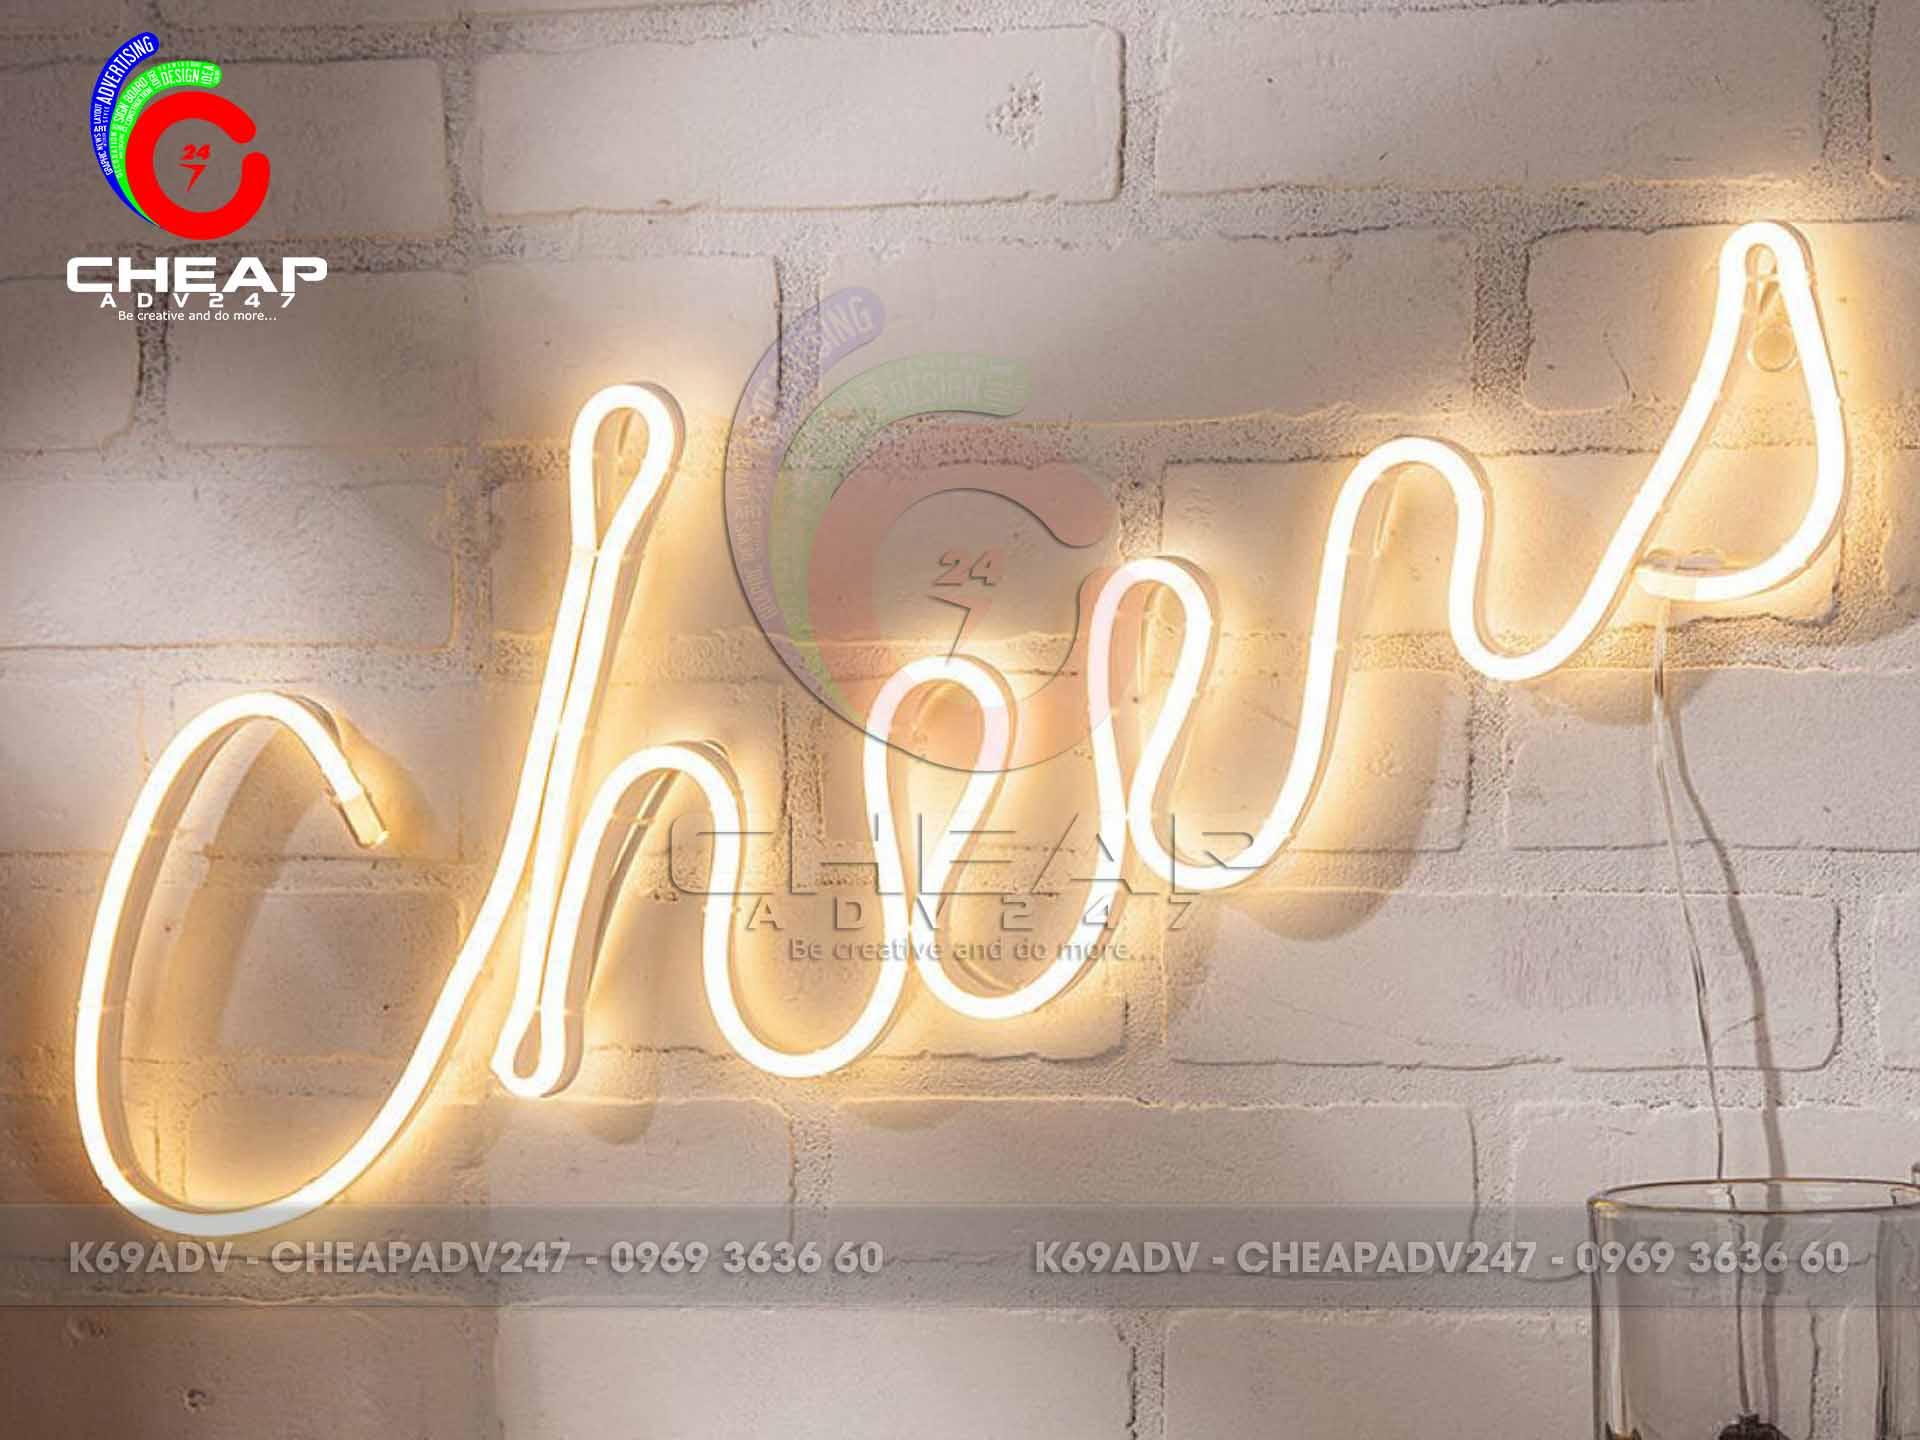 mẫu đèn neon sign đẹp